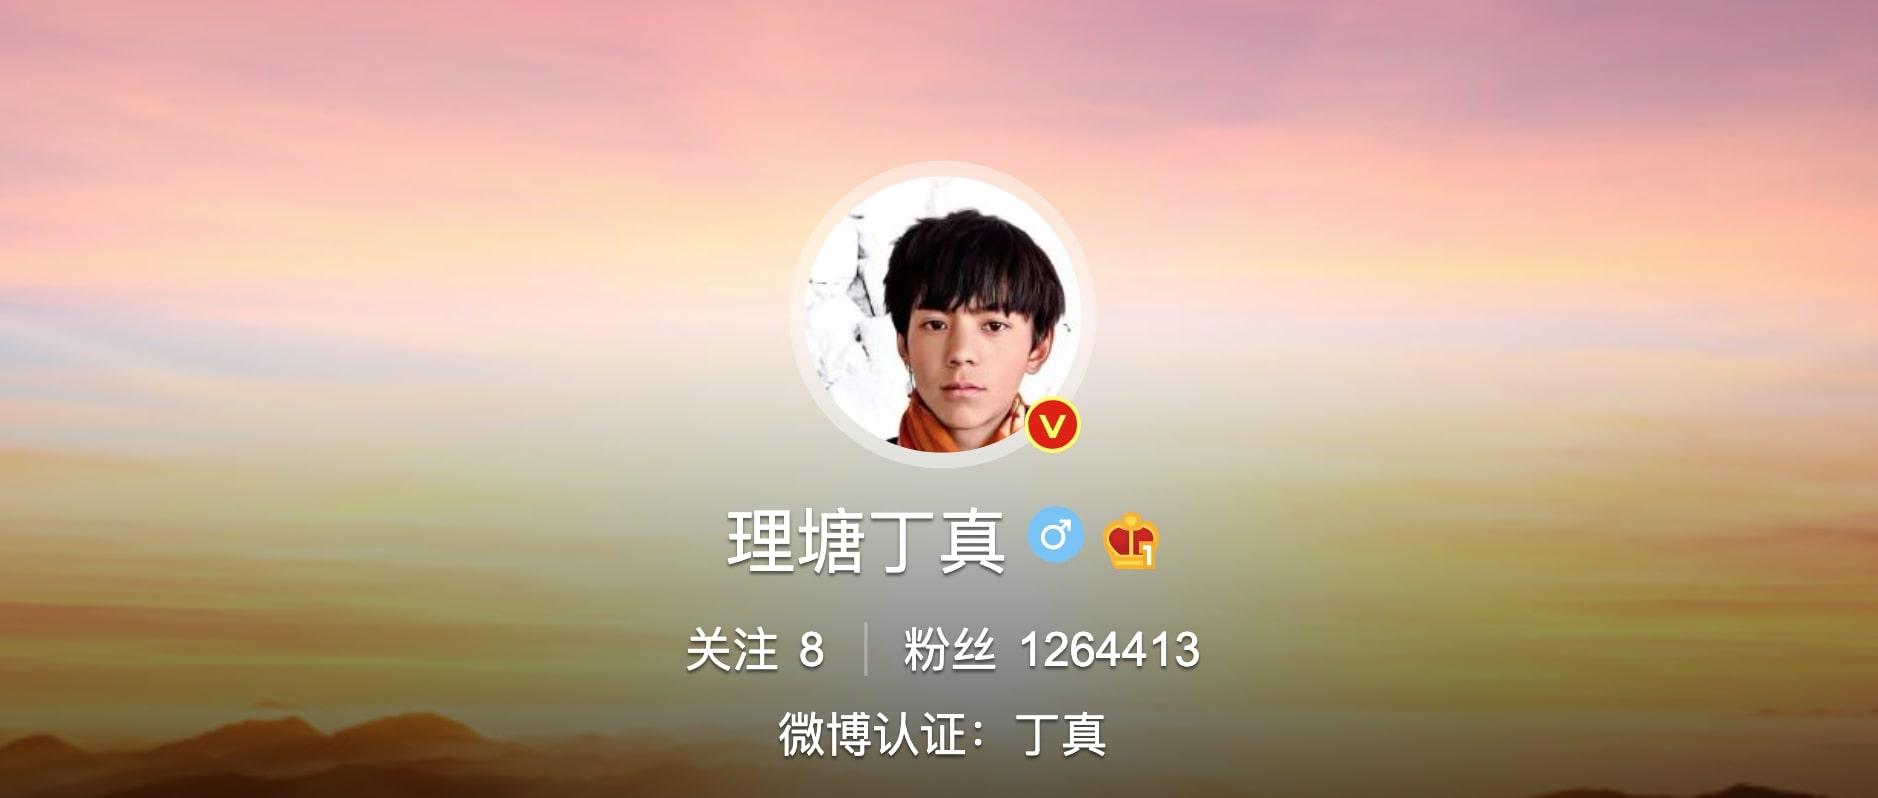 丁真(ディン・ジェン) Weibo公式アカウント